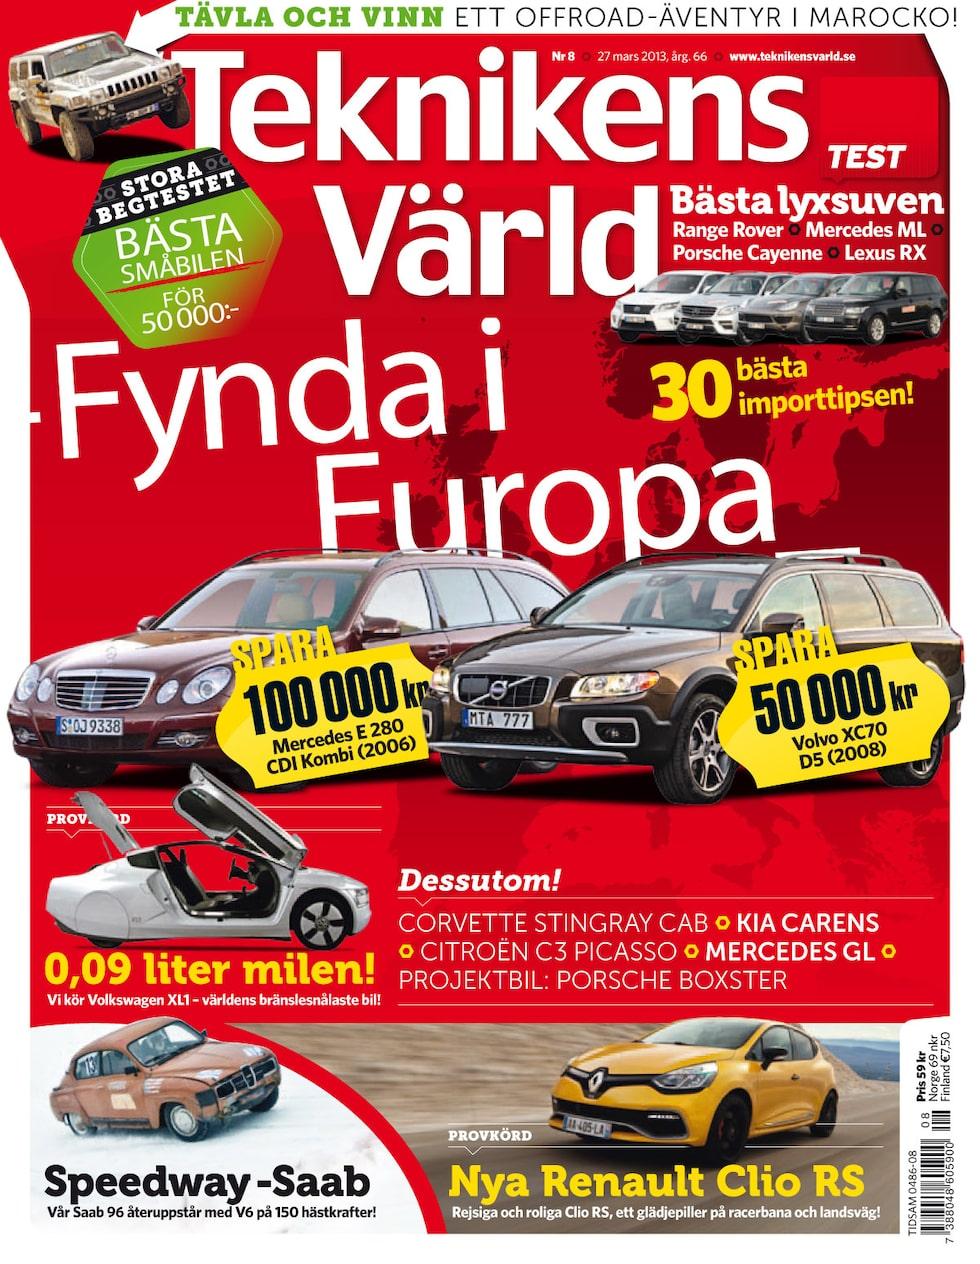 Teknikens Värld nummer 8 / 2013